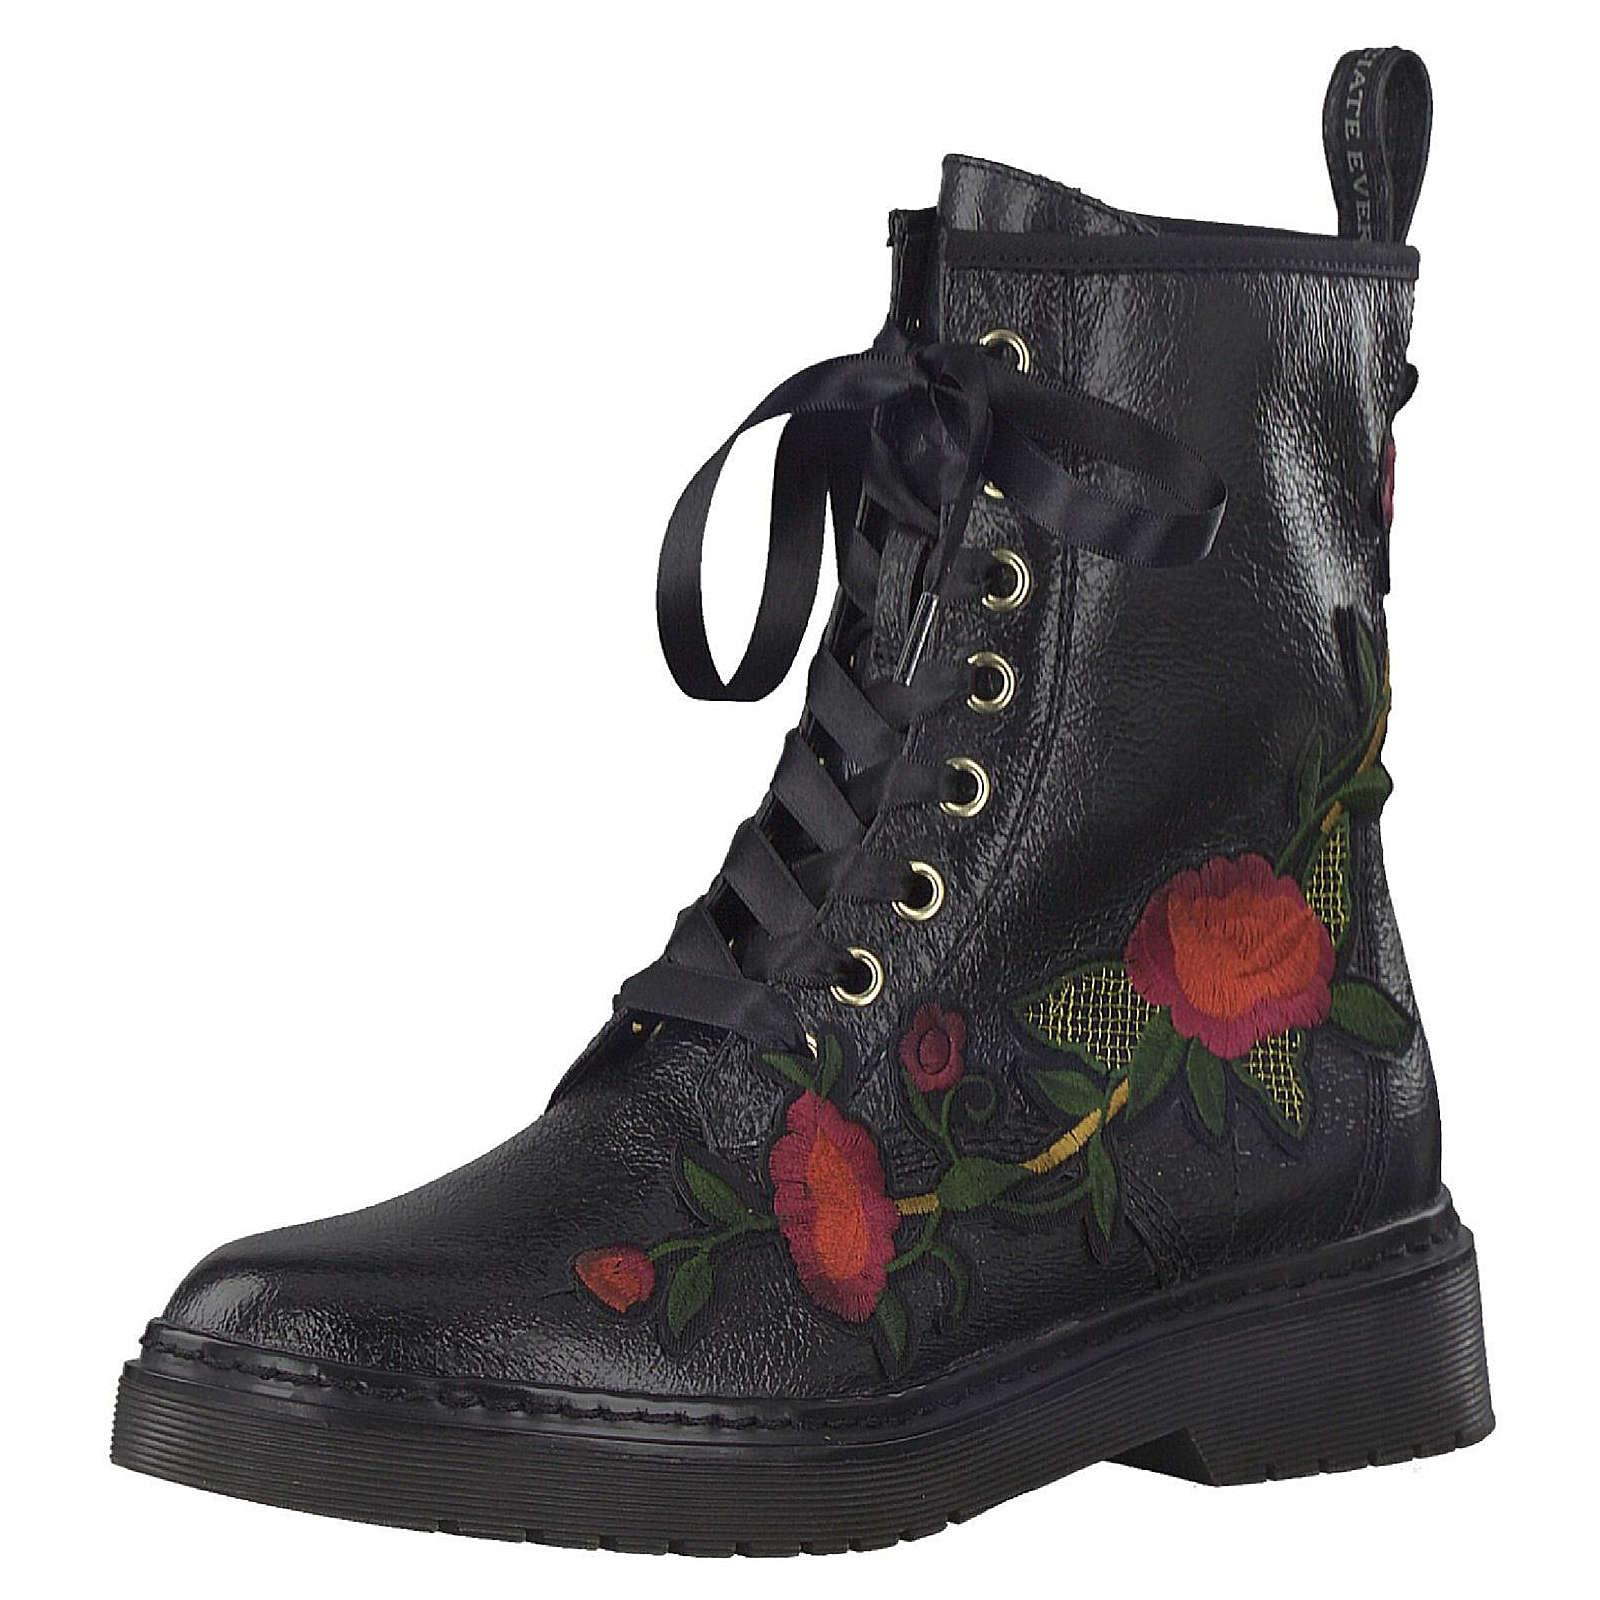 Tamaris Schnürstiefelette Lace-Up Boots mit TOUCH-IT Sohle Schwarz mit Blumenmuster 1-25738-39 001 Black Schnürstiefeletten schwarz Damen Gr. 37